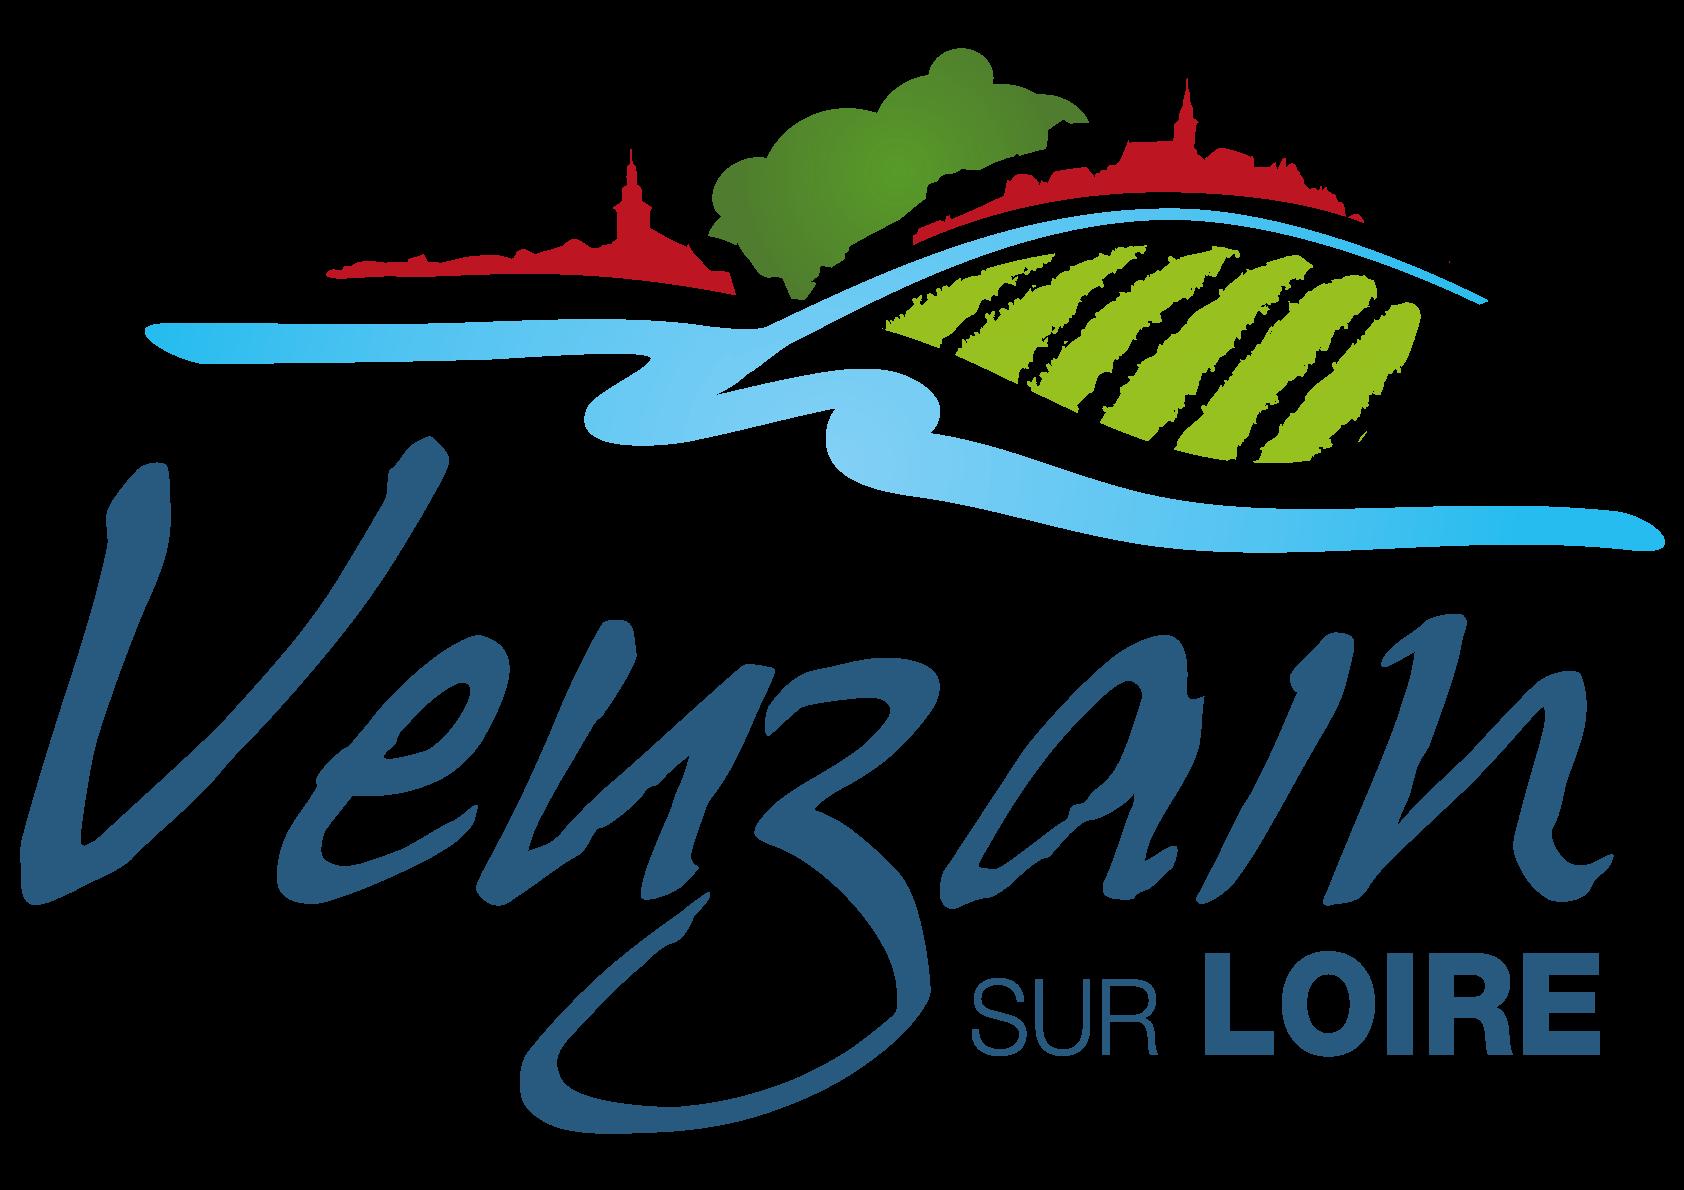 Veuzain sur Loire